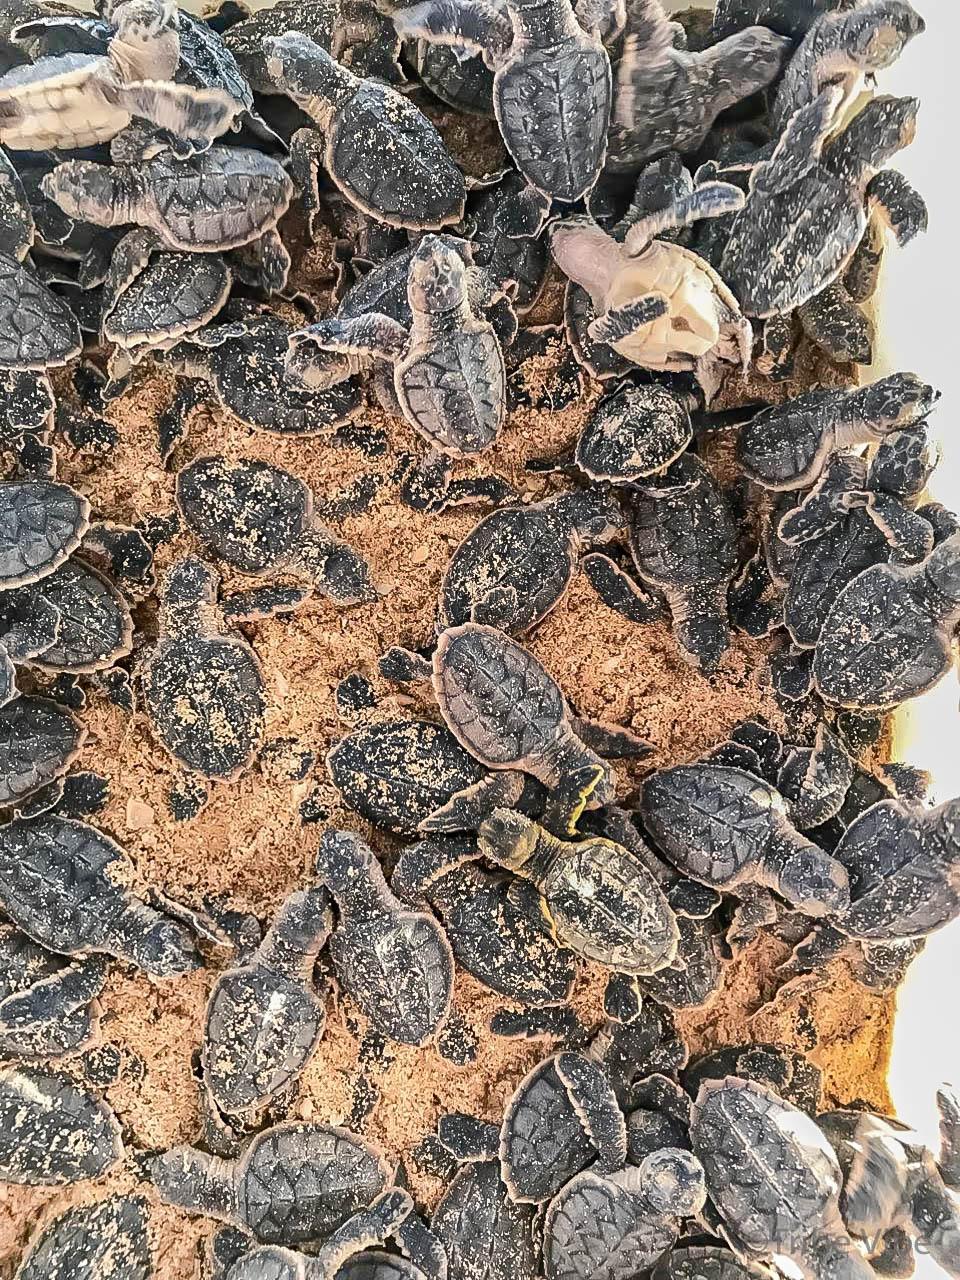 baby turtles8.jpg